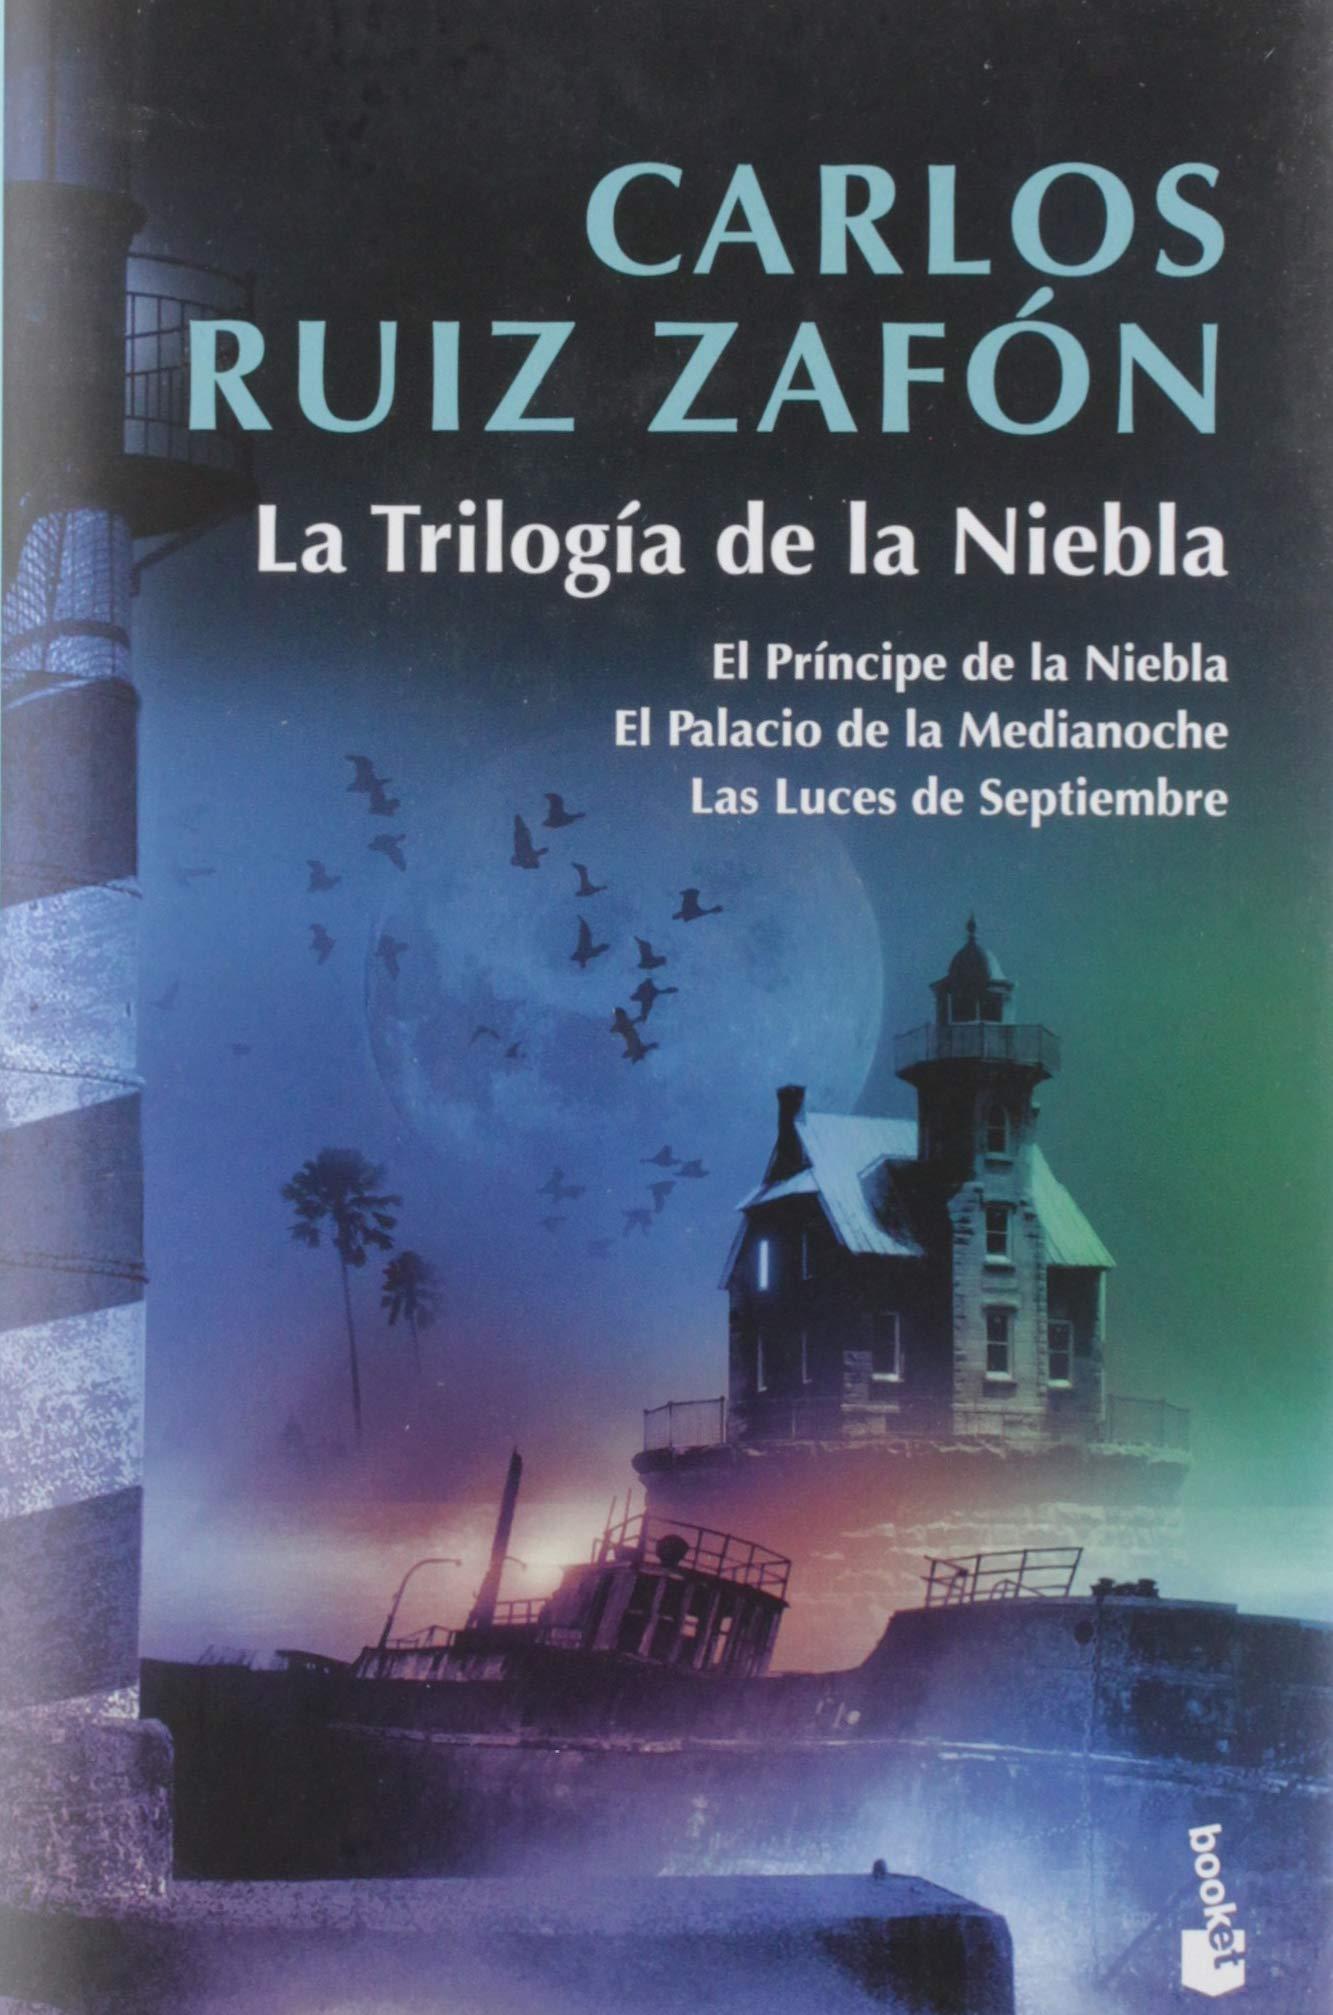 Amazon.it: La trilogia de la niebla - Ruiz Zafon, Carlos - Libri ...